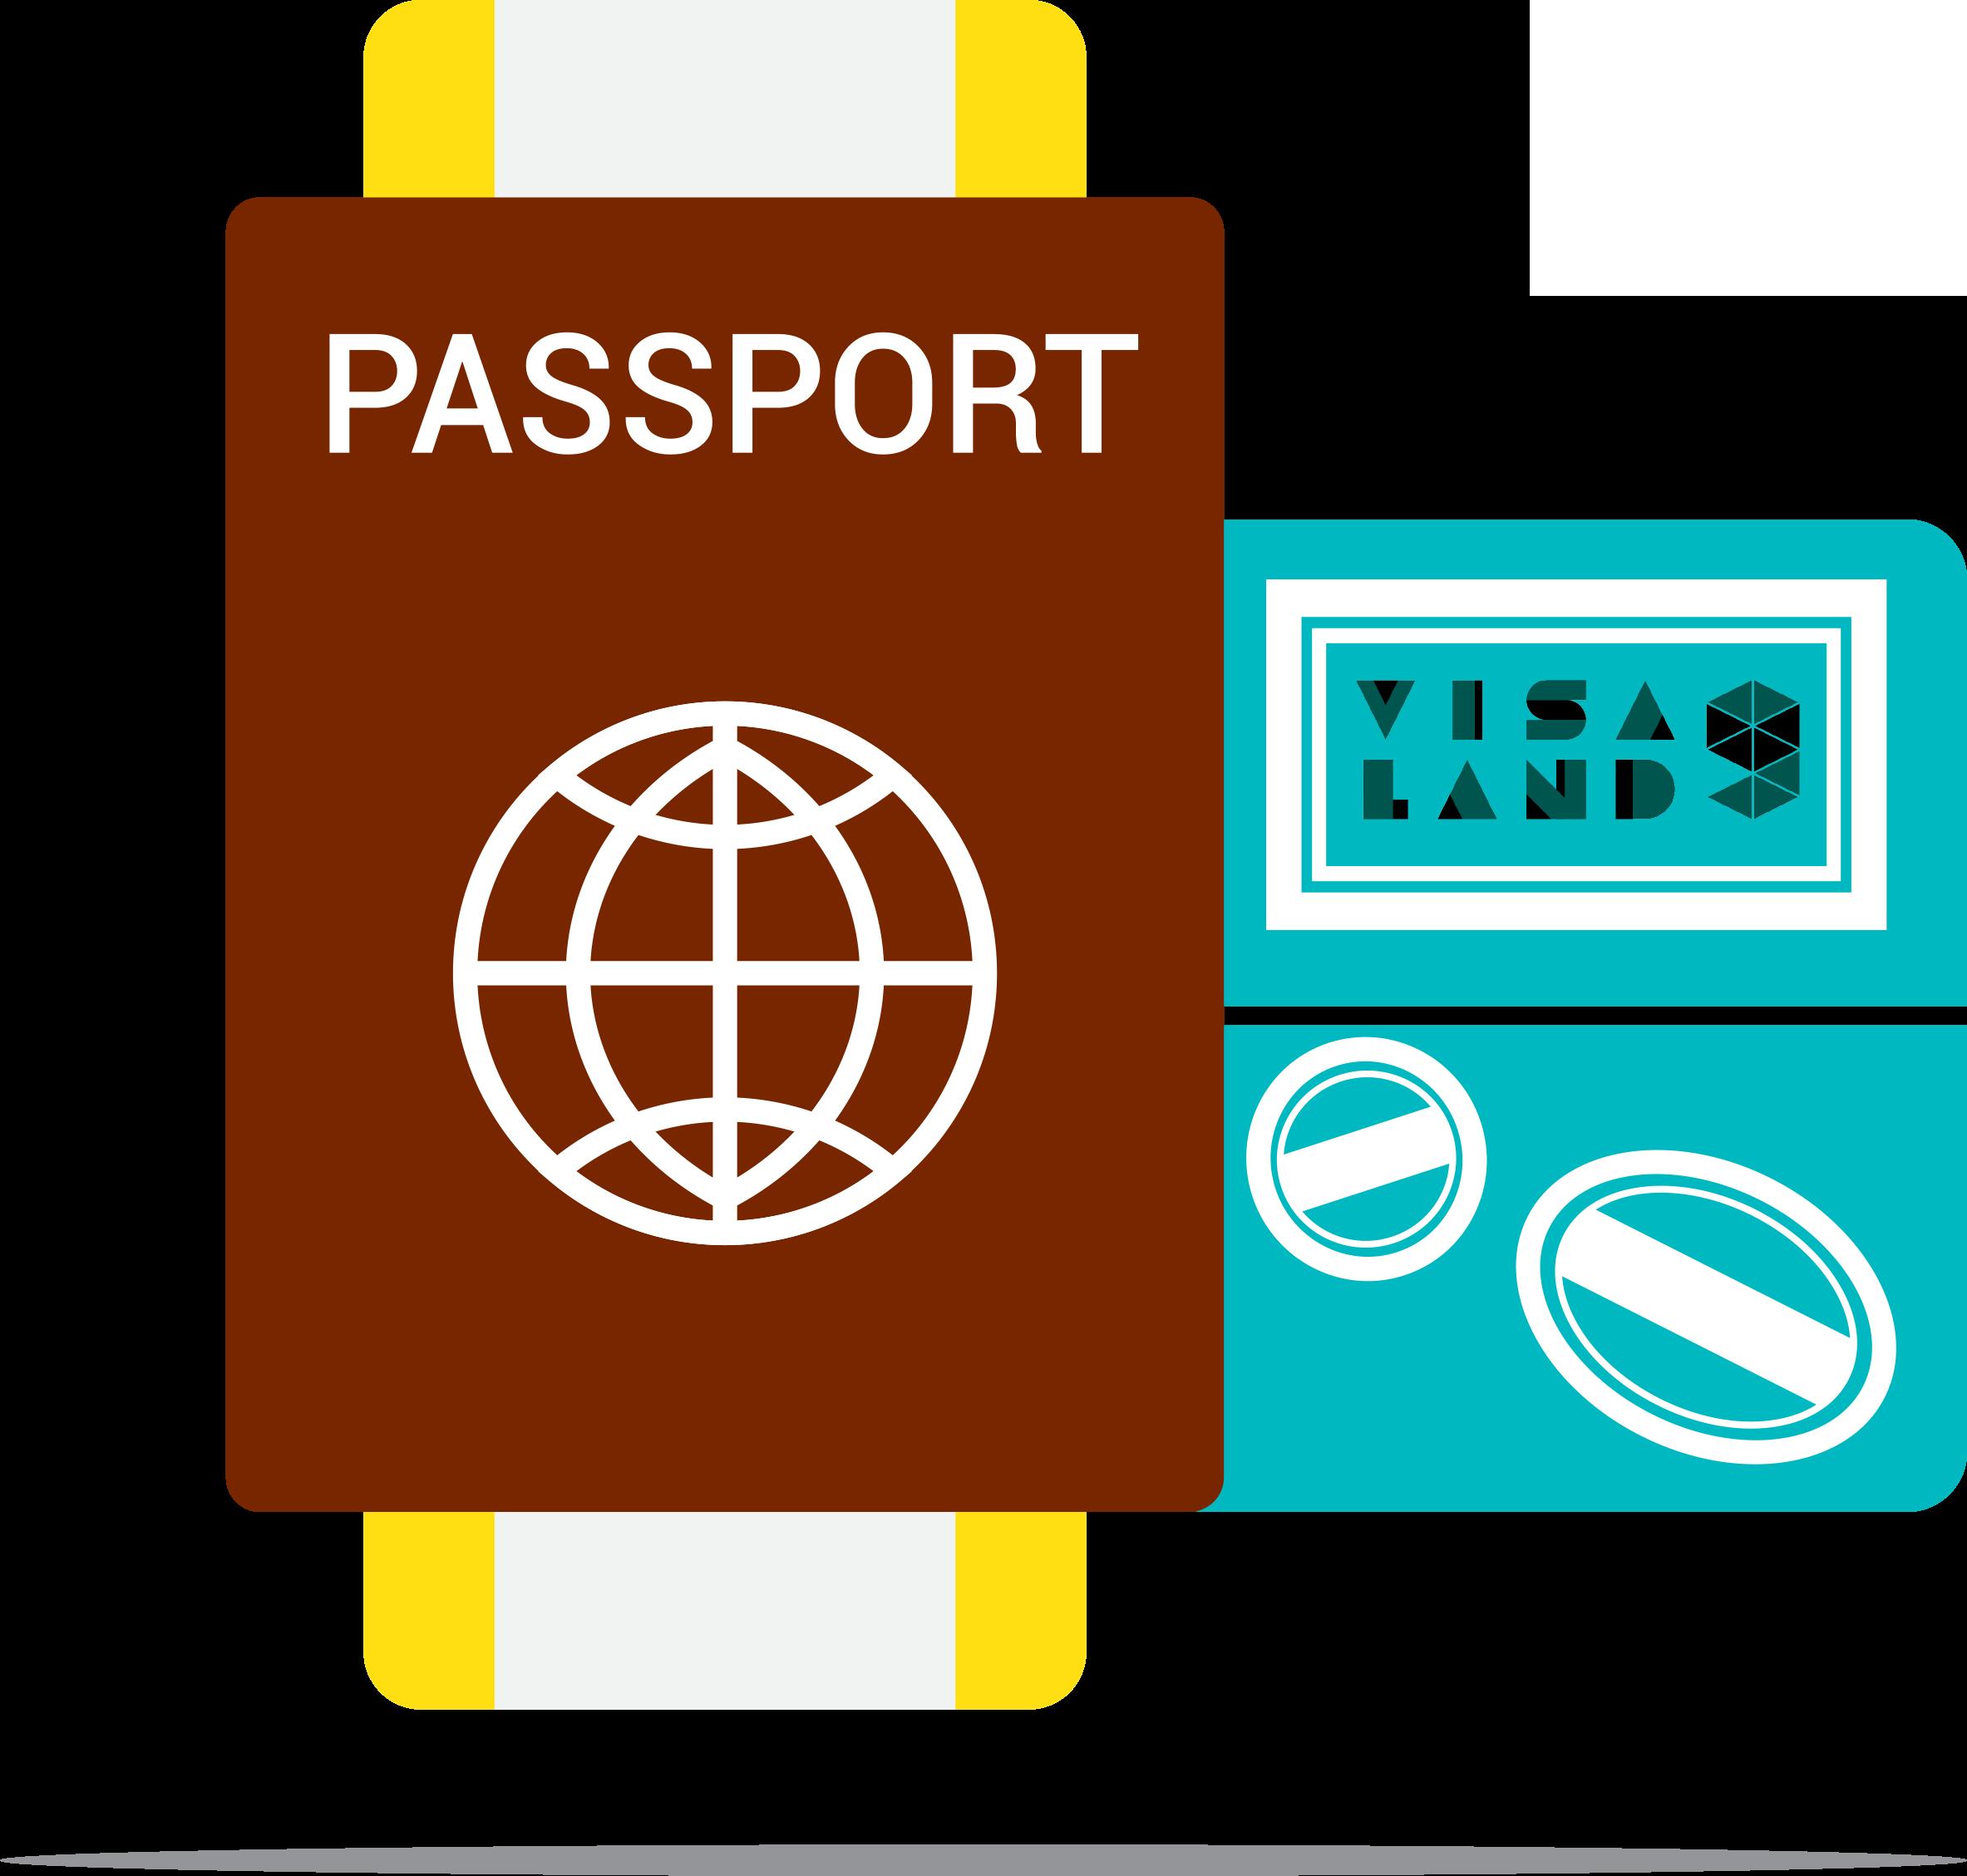 پاسپورت چیست؟